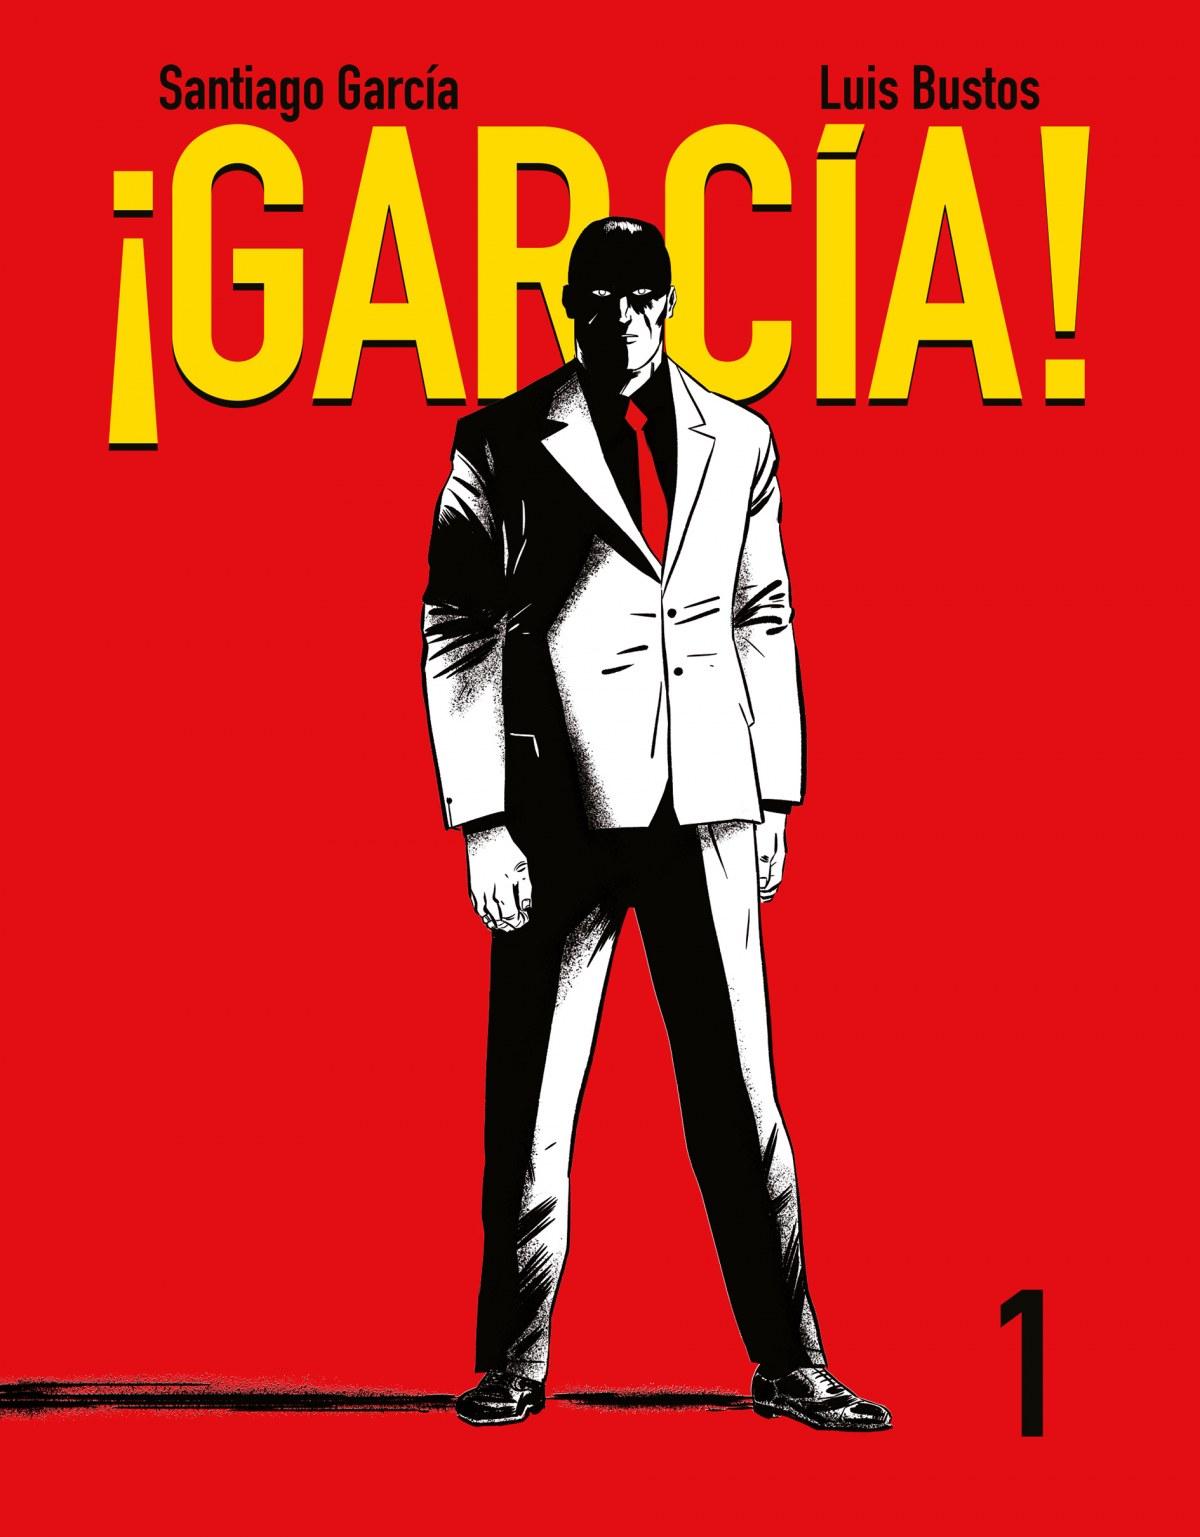 García, 1